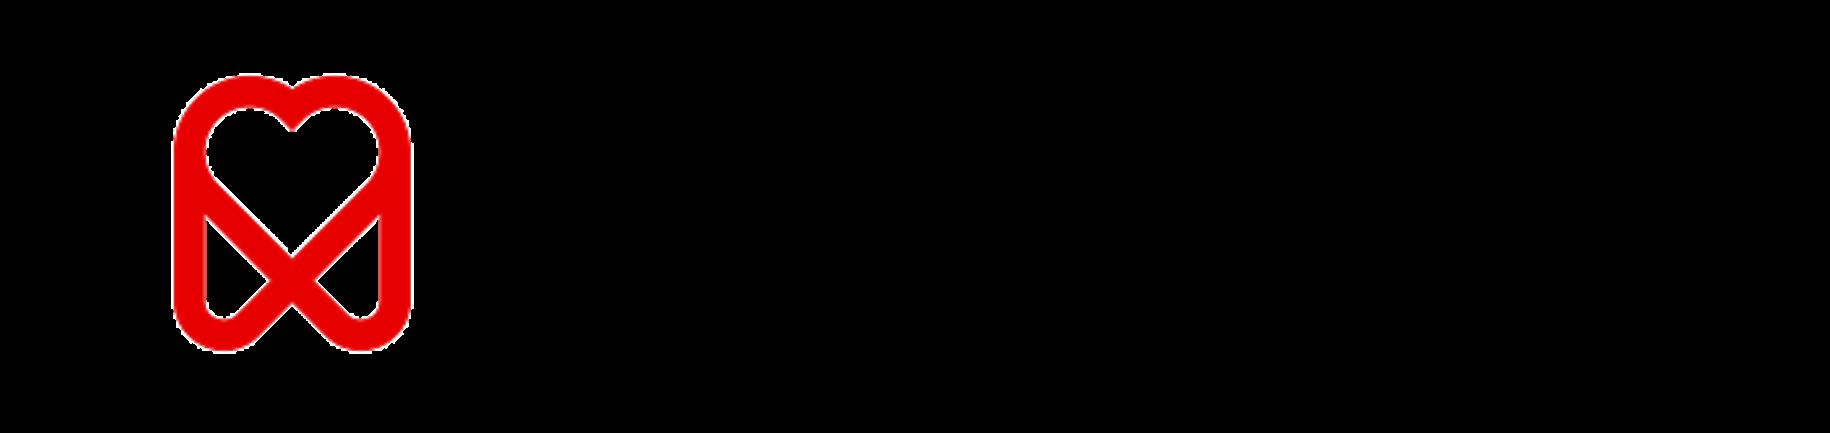 鹿児島市のホワイトニング・セラミック・セレック審美歯科専門外来|松尾歯科医院